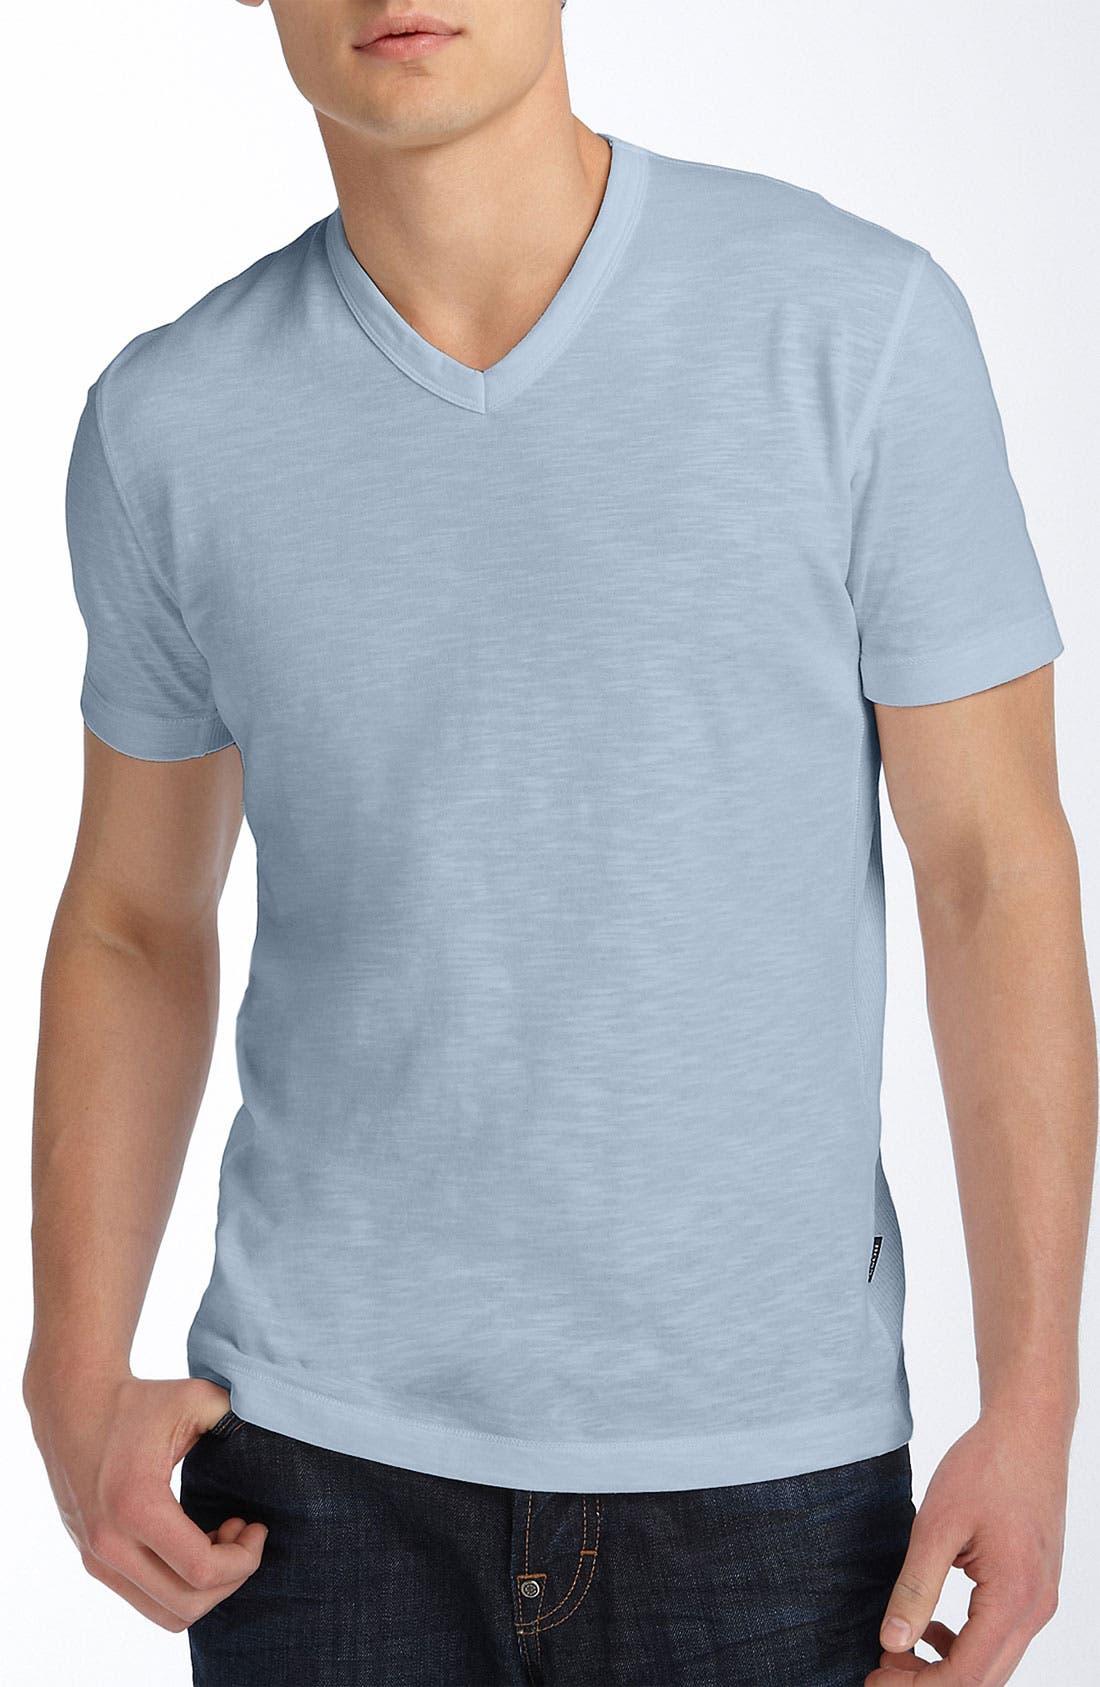 Alternate Image 1 Selected - BOSS Black 'Eraldo' Slim Fit V-Neck T-Shirt